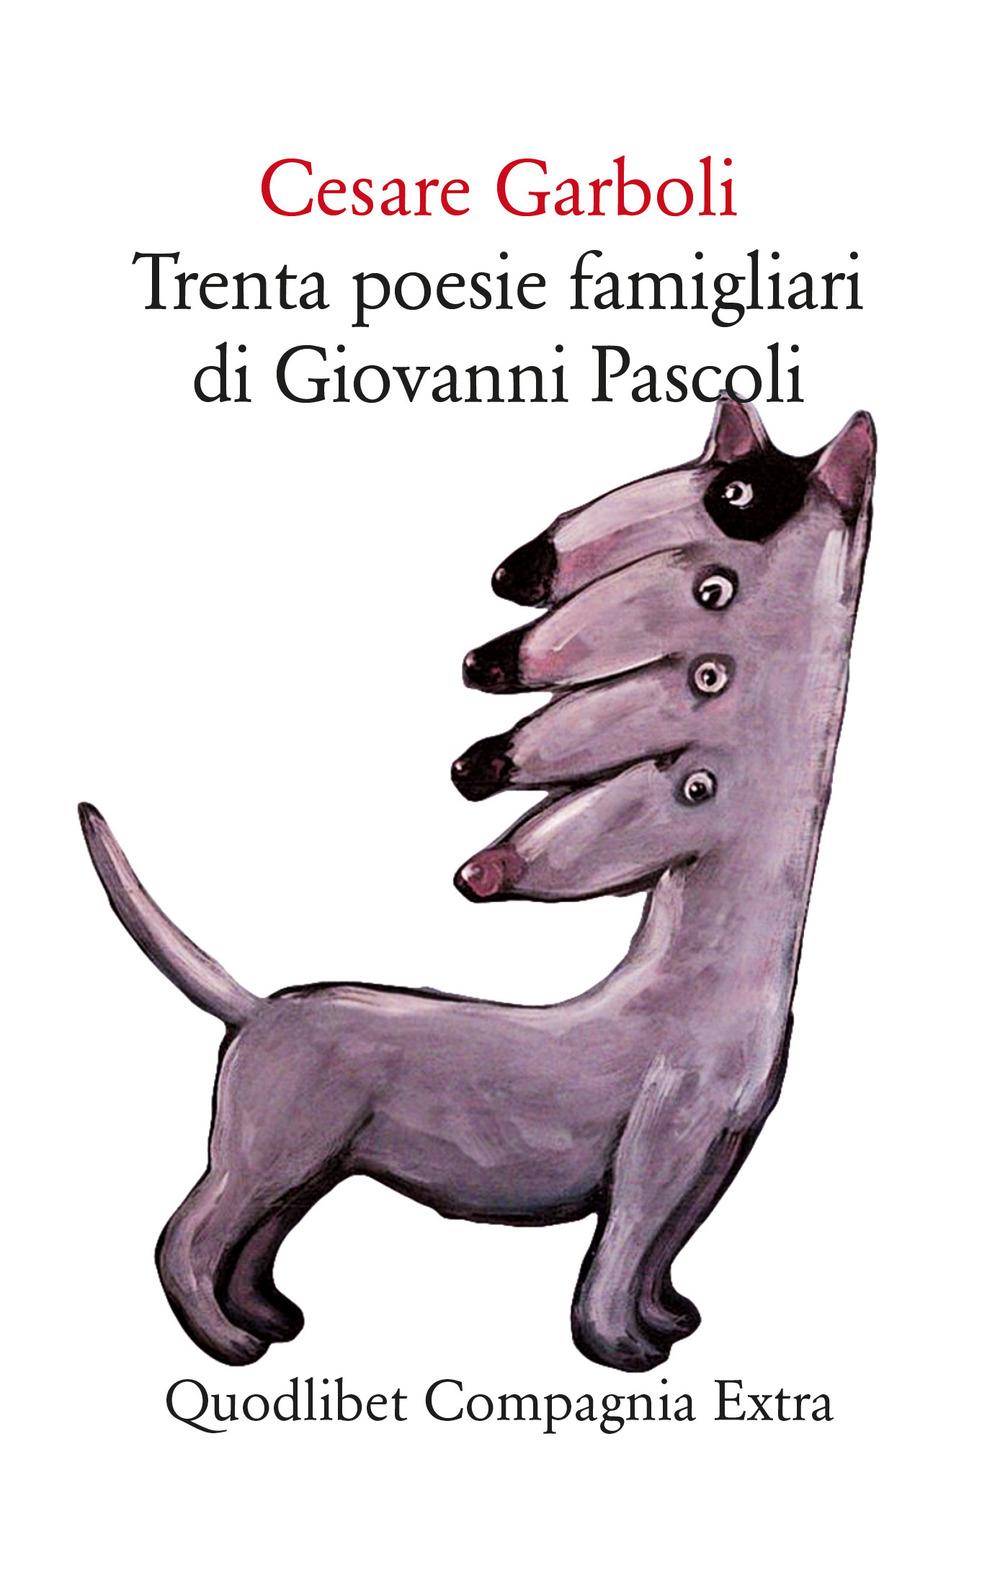 TRENTA POESIE FAMIGLIARI DI GIOVANNI PASCOLI - Garboli Cesare - 9788822903846